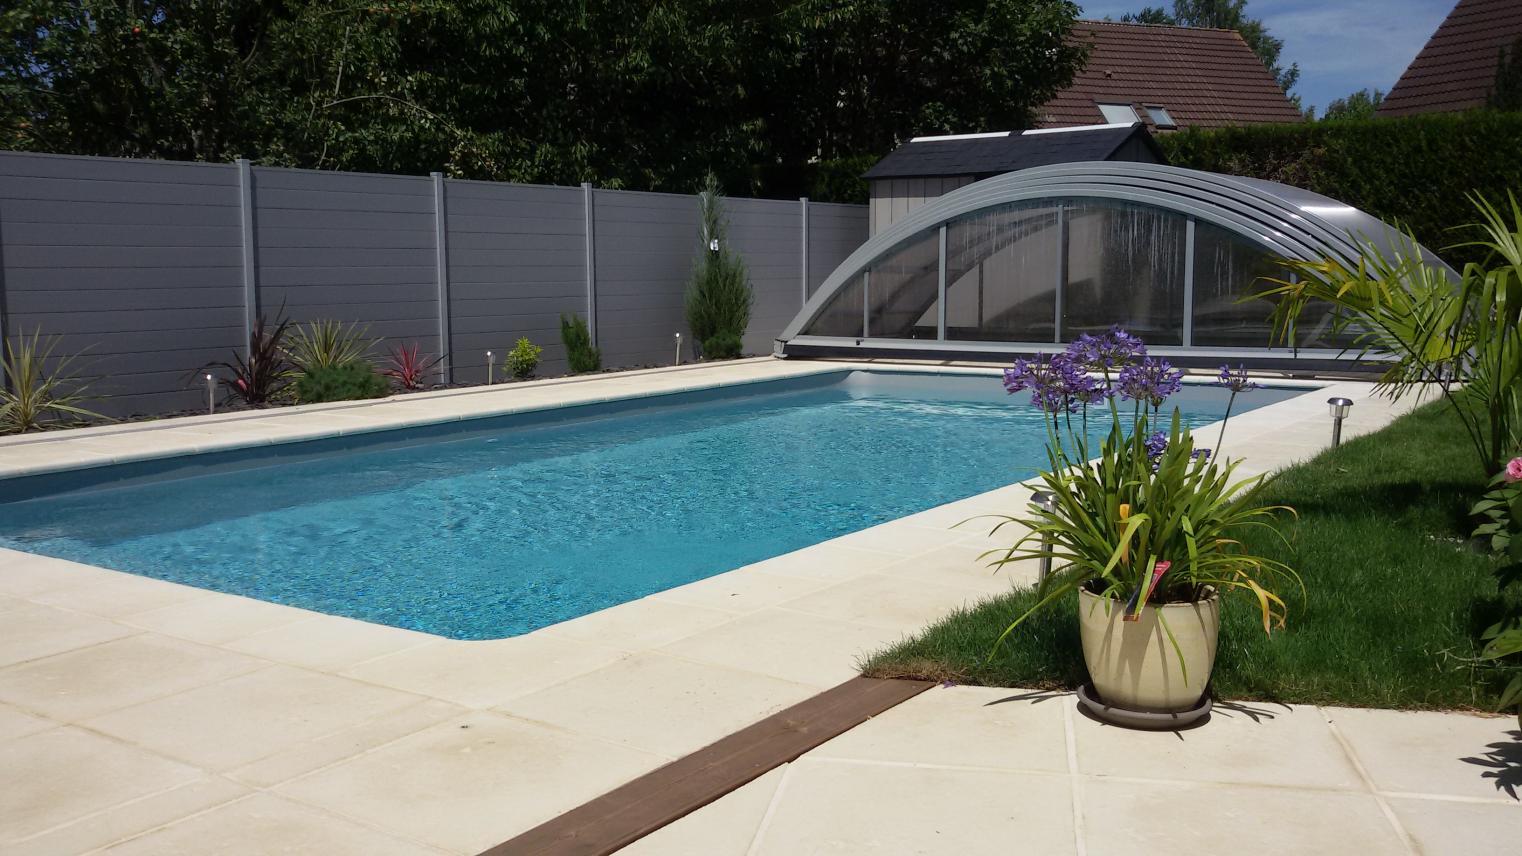 Aqua jardin tout pour l 39 eau construit r nove piscine for Liner piscine turquoise